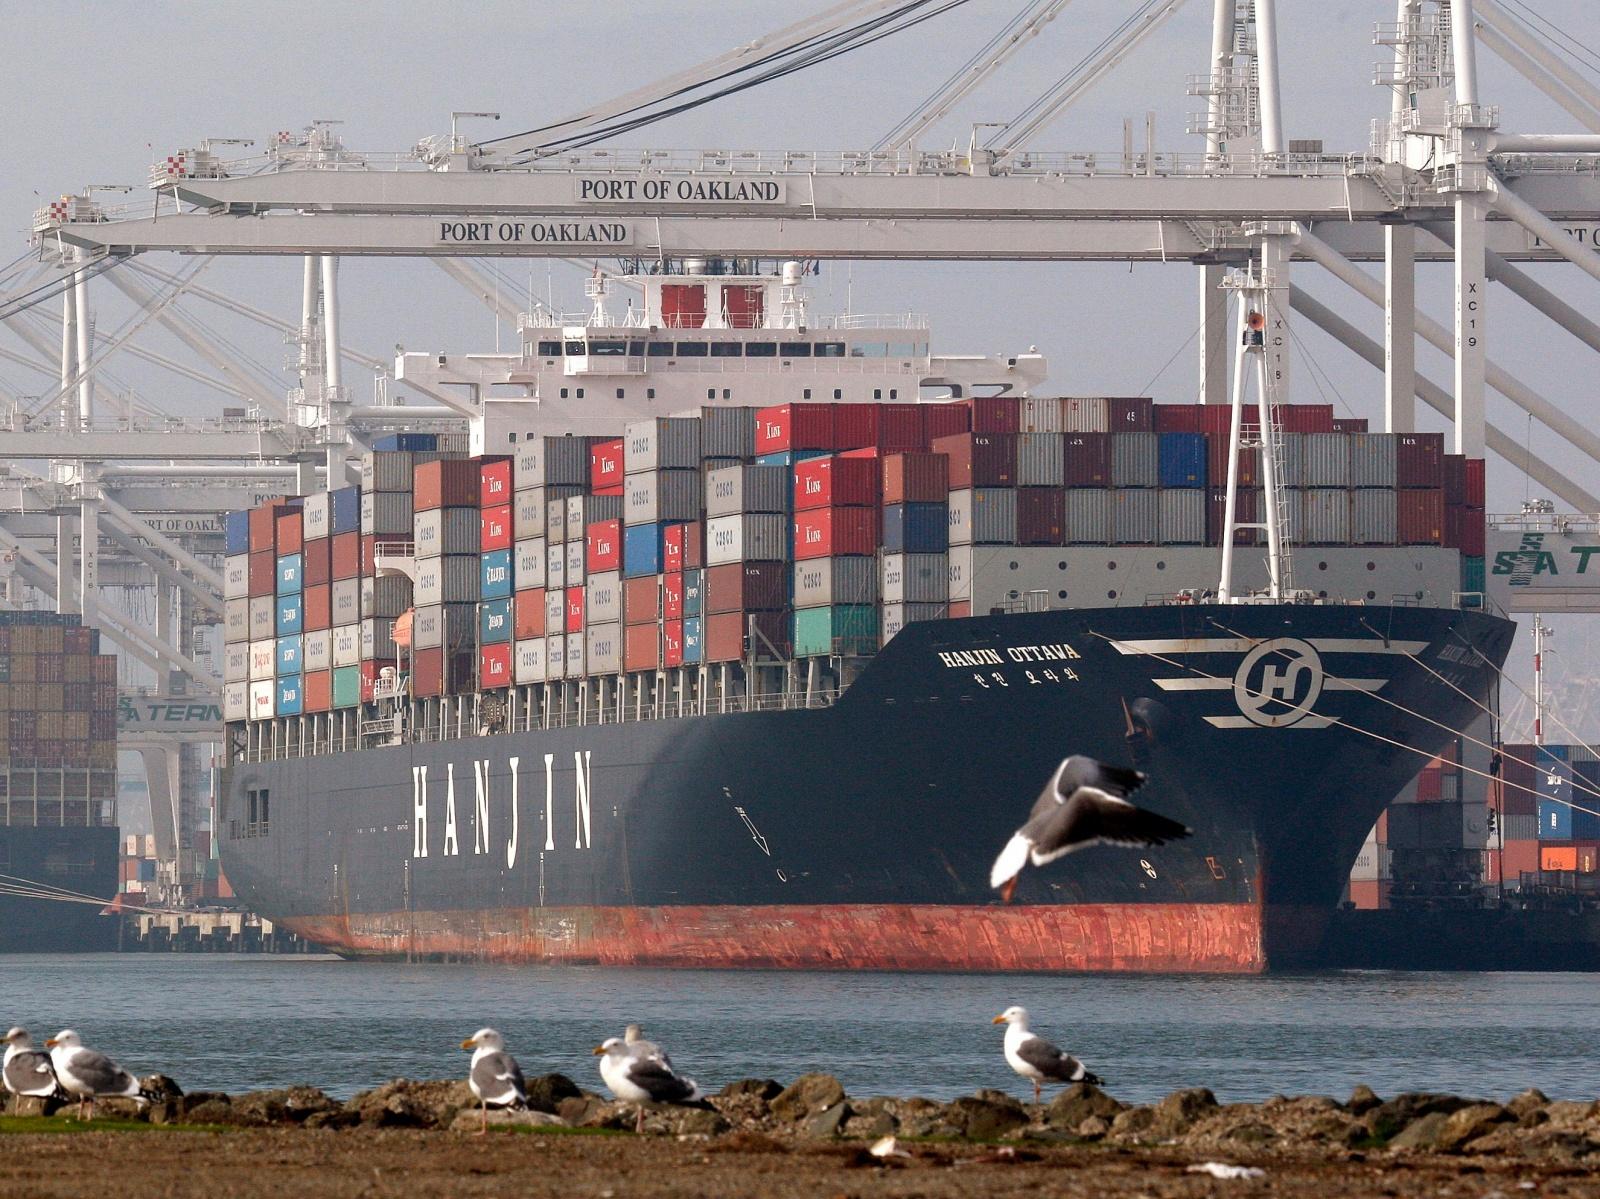 Пираты взломали компьютерную систему судоходной компании для того, чтобы получить список кораблей для грабежа - 1